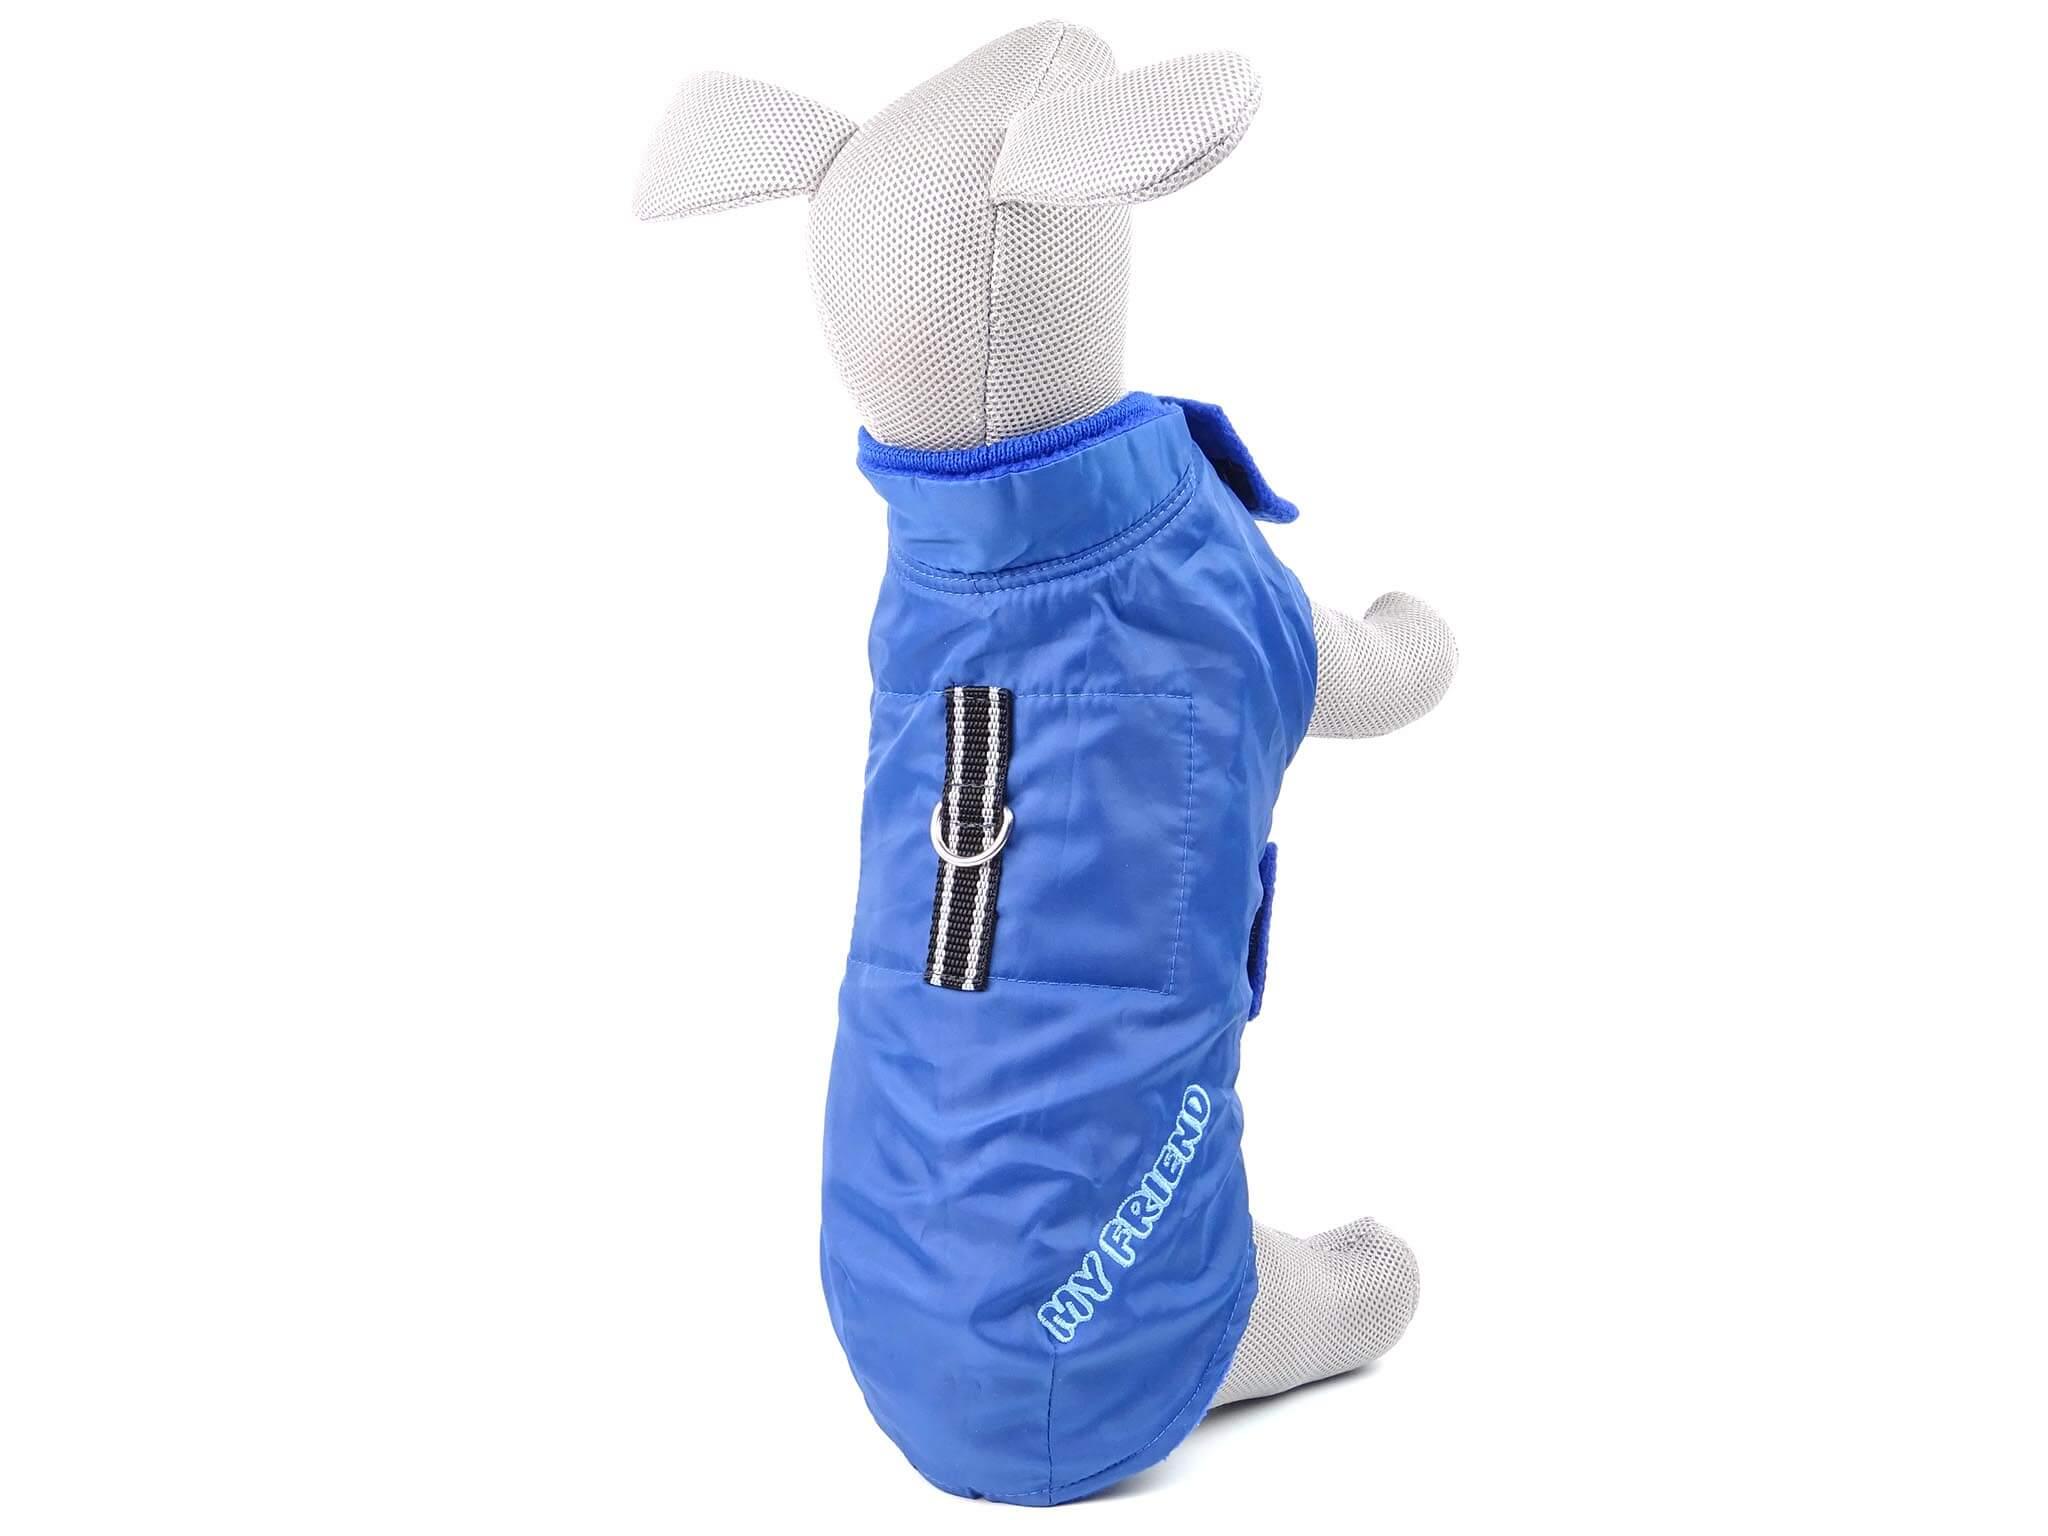 """Vsepropejska Snowy zimní bunda """"My friend"""" pro psa Barva: Modrá, Délka zad psa: 24 cm, Obvod hrudníku: 26 - 42 cm"""